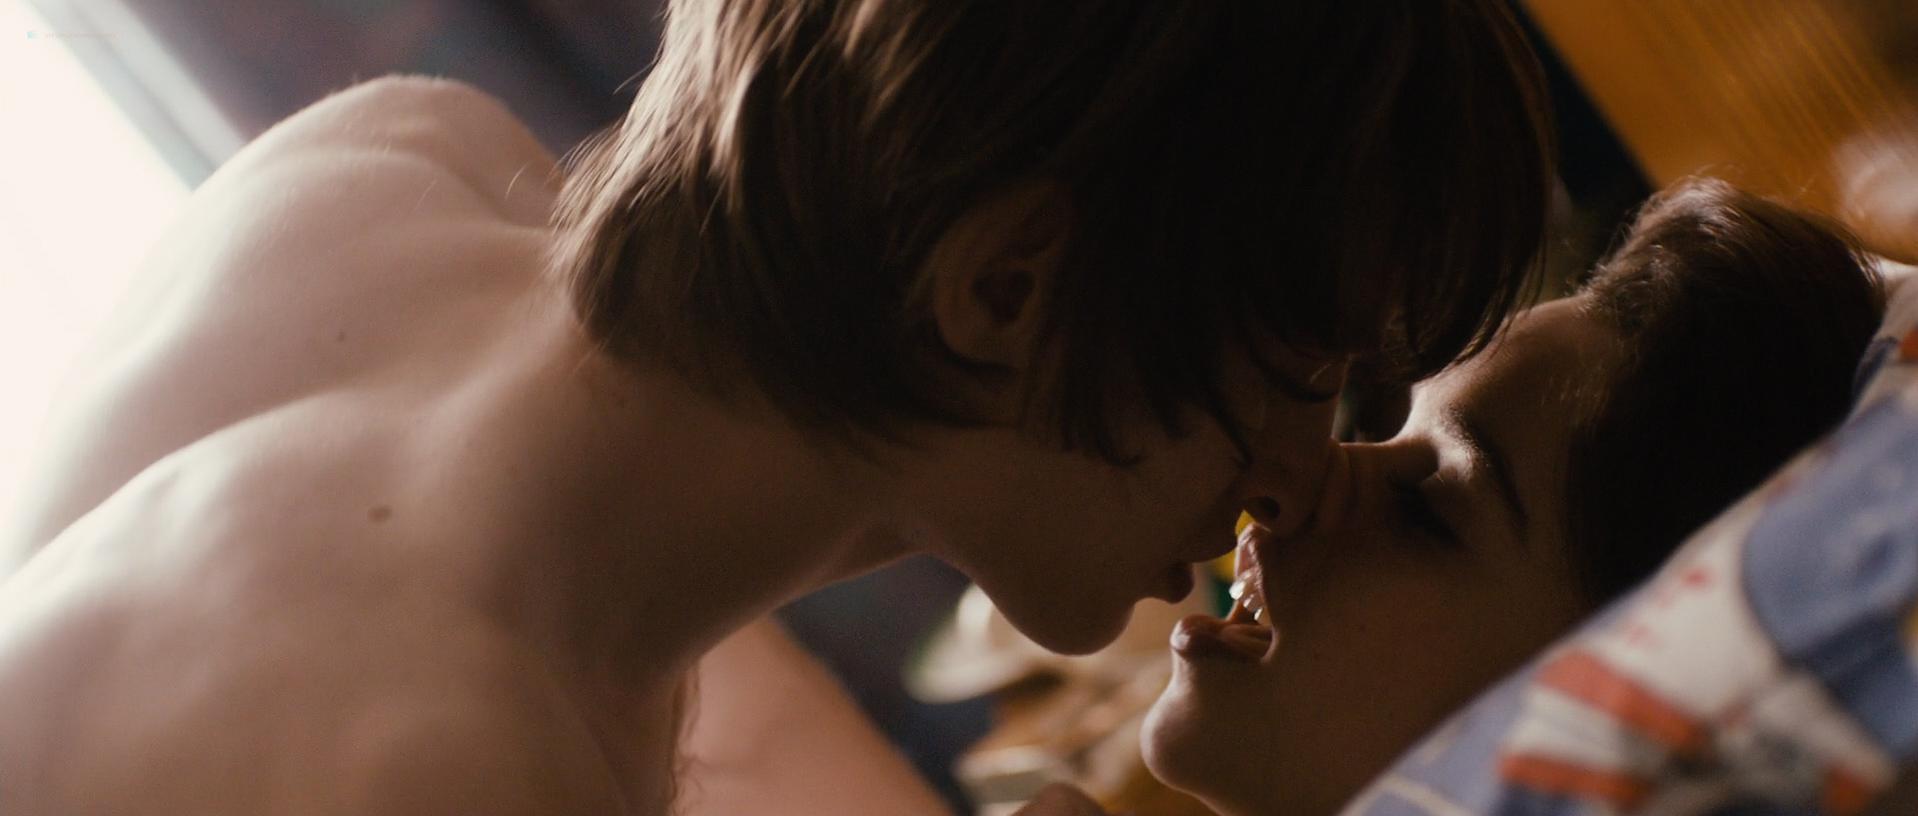 Emilia Clarke sexy - Spike Island (2012)